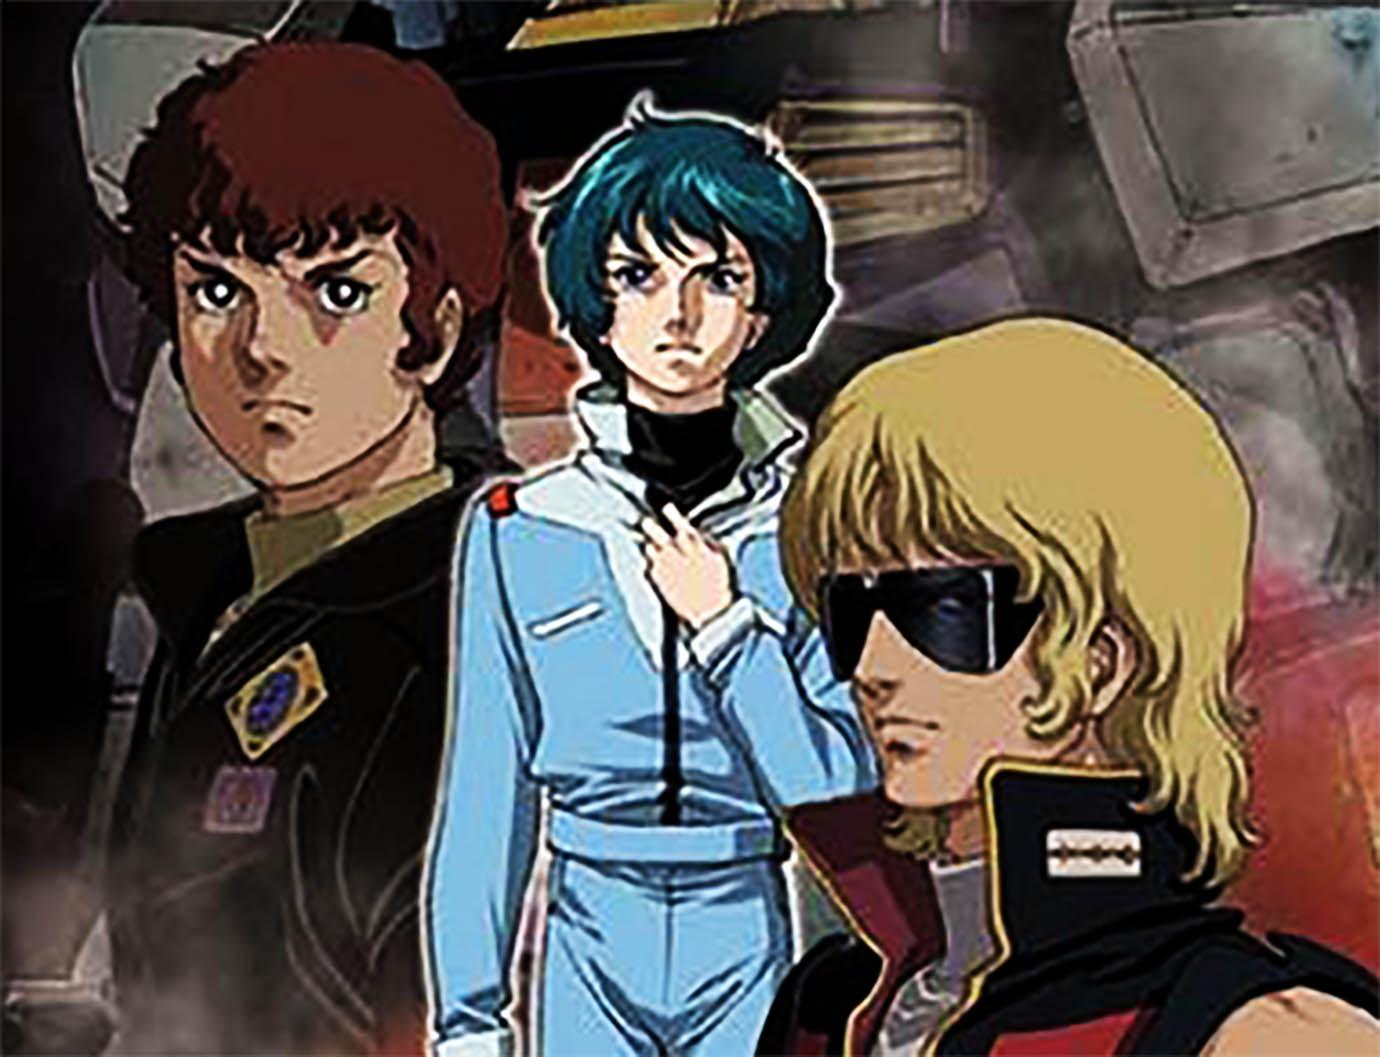 人気テレビアニメーション「機動戦士Zガンダム」のネット配信版は、オープニングやエンディング曲がすべて「他の曲」に差し替えられていた。しかし2018年1月現在、